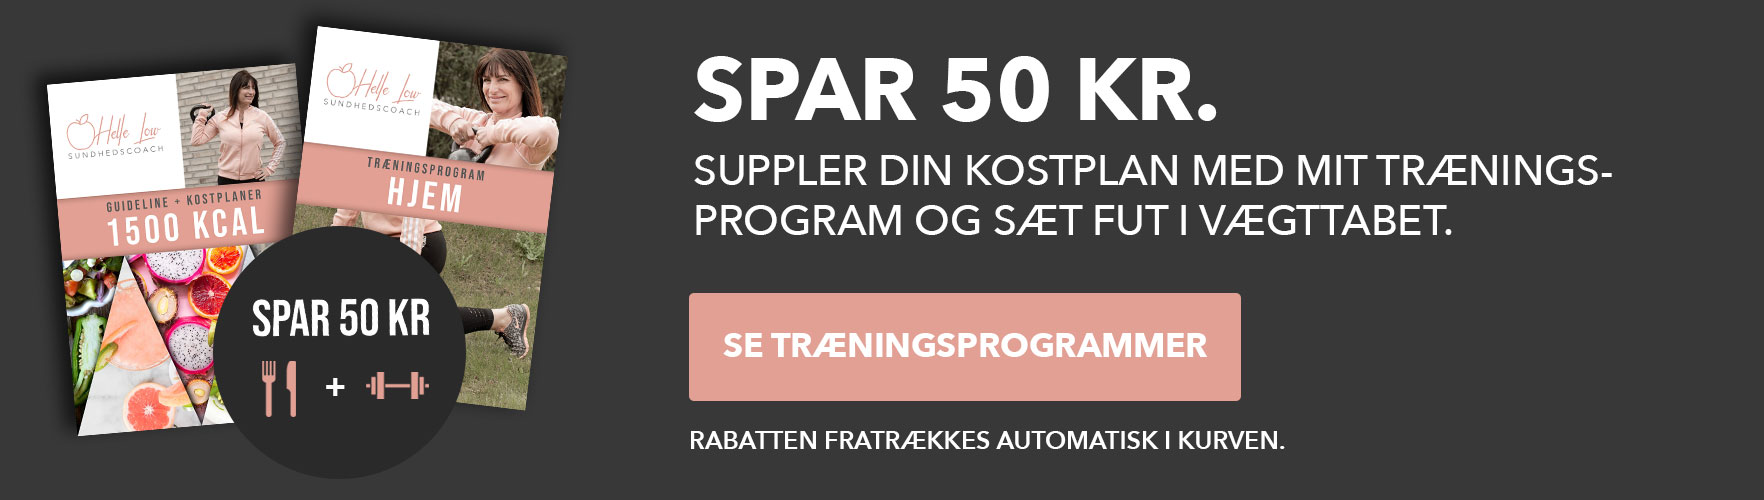 Køb et træningsprogram med kostplanen og spar 50 kr.